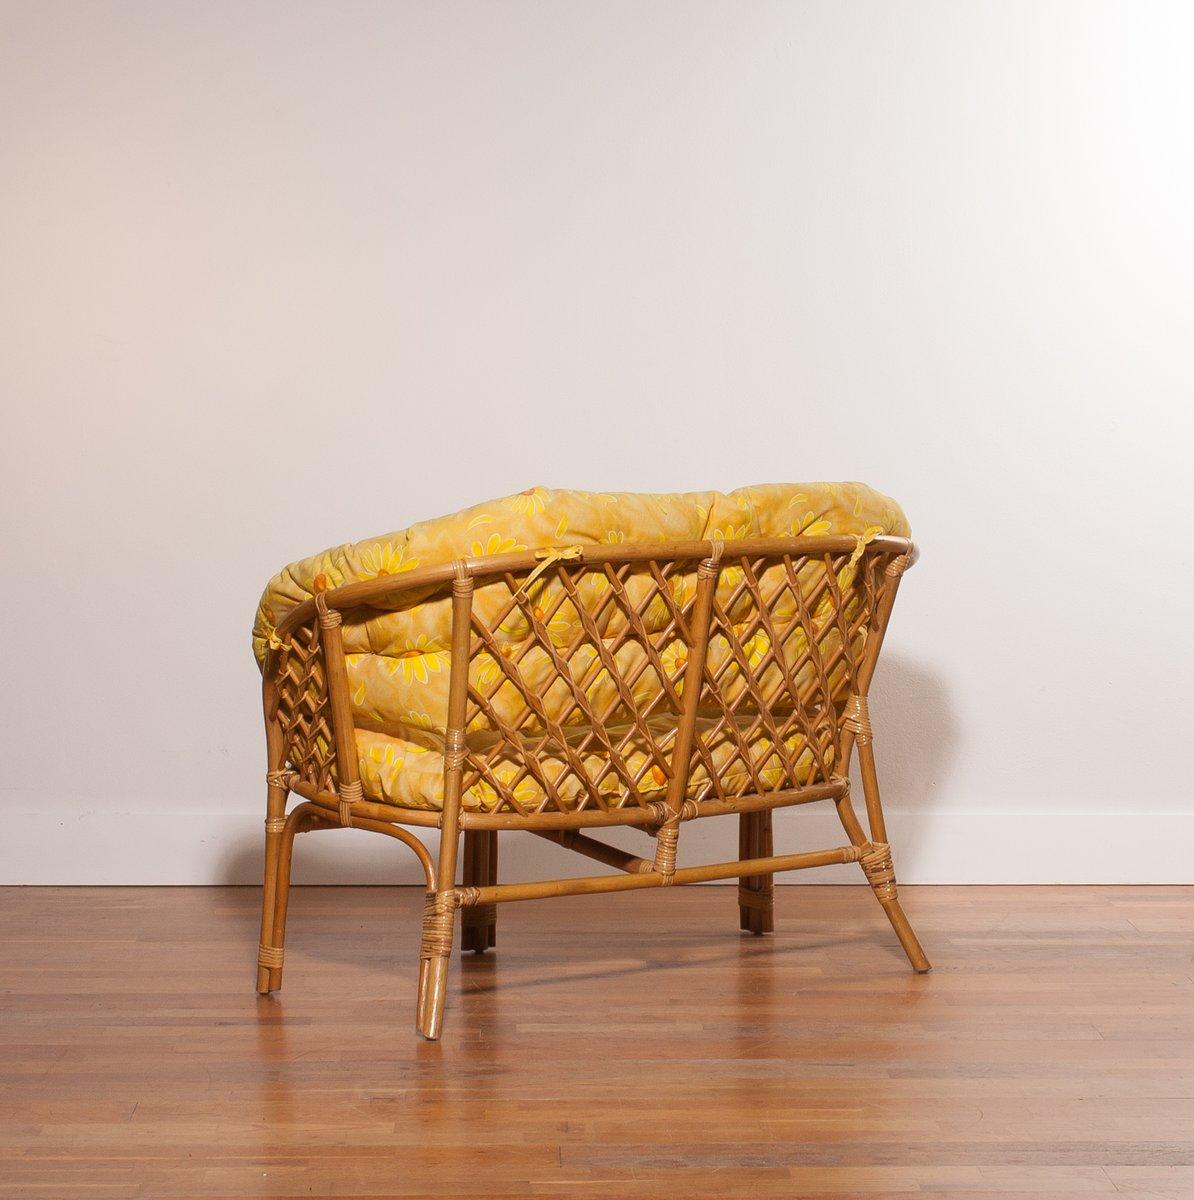 gartenmbel aus rattan best fr garten und terrasse sieht aus wie rattan ist aber besser with. Black Bedroom Furniture Sets. Home Design Ideas